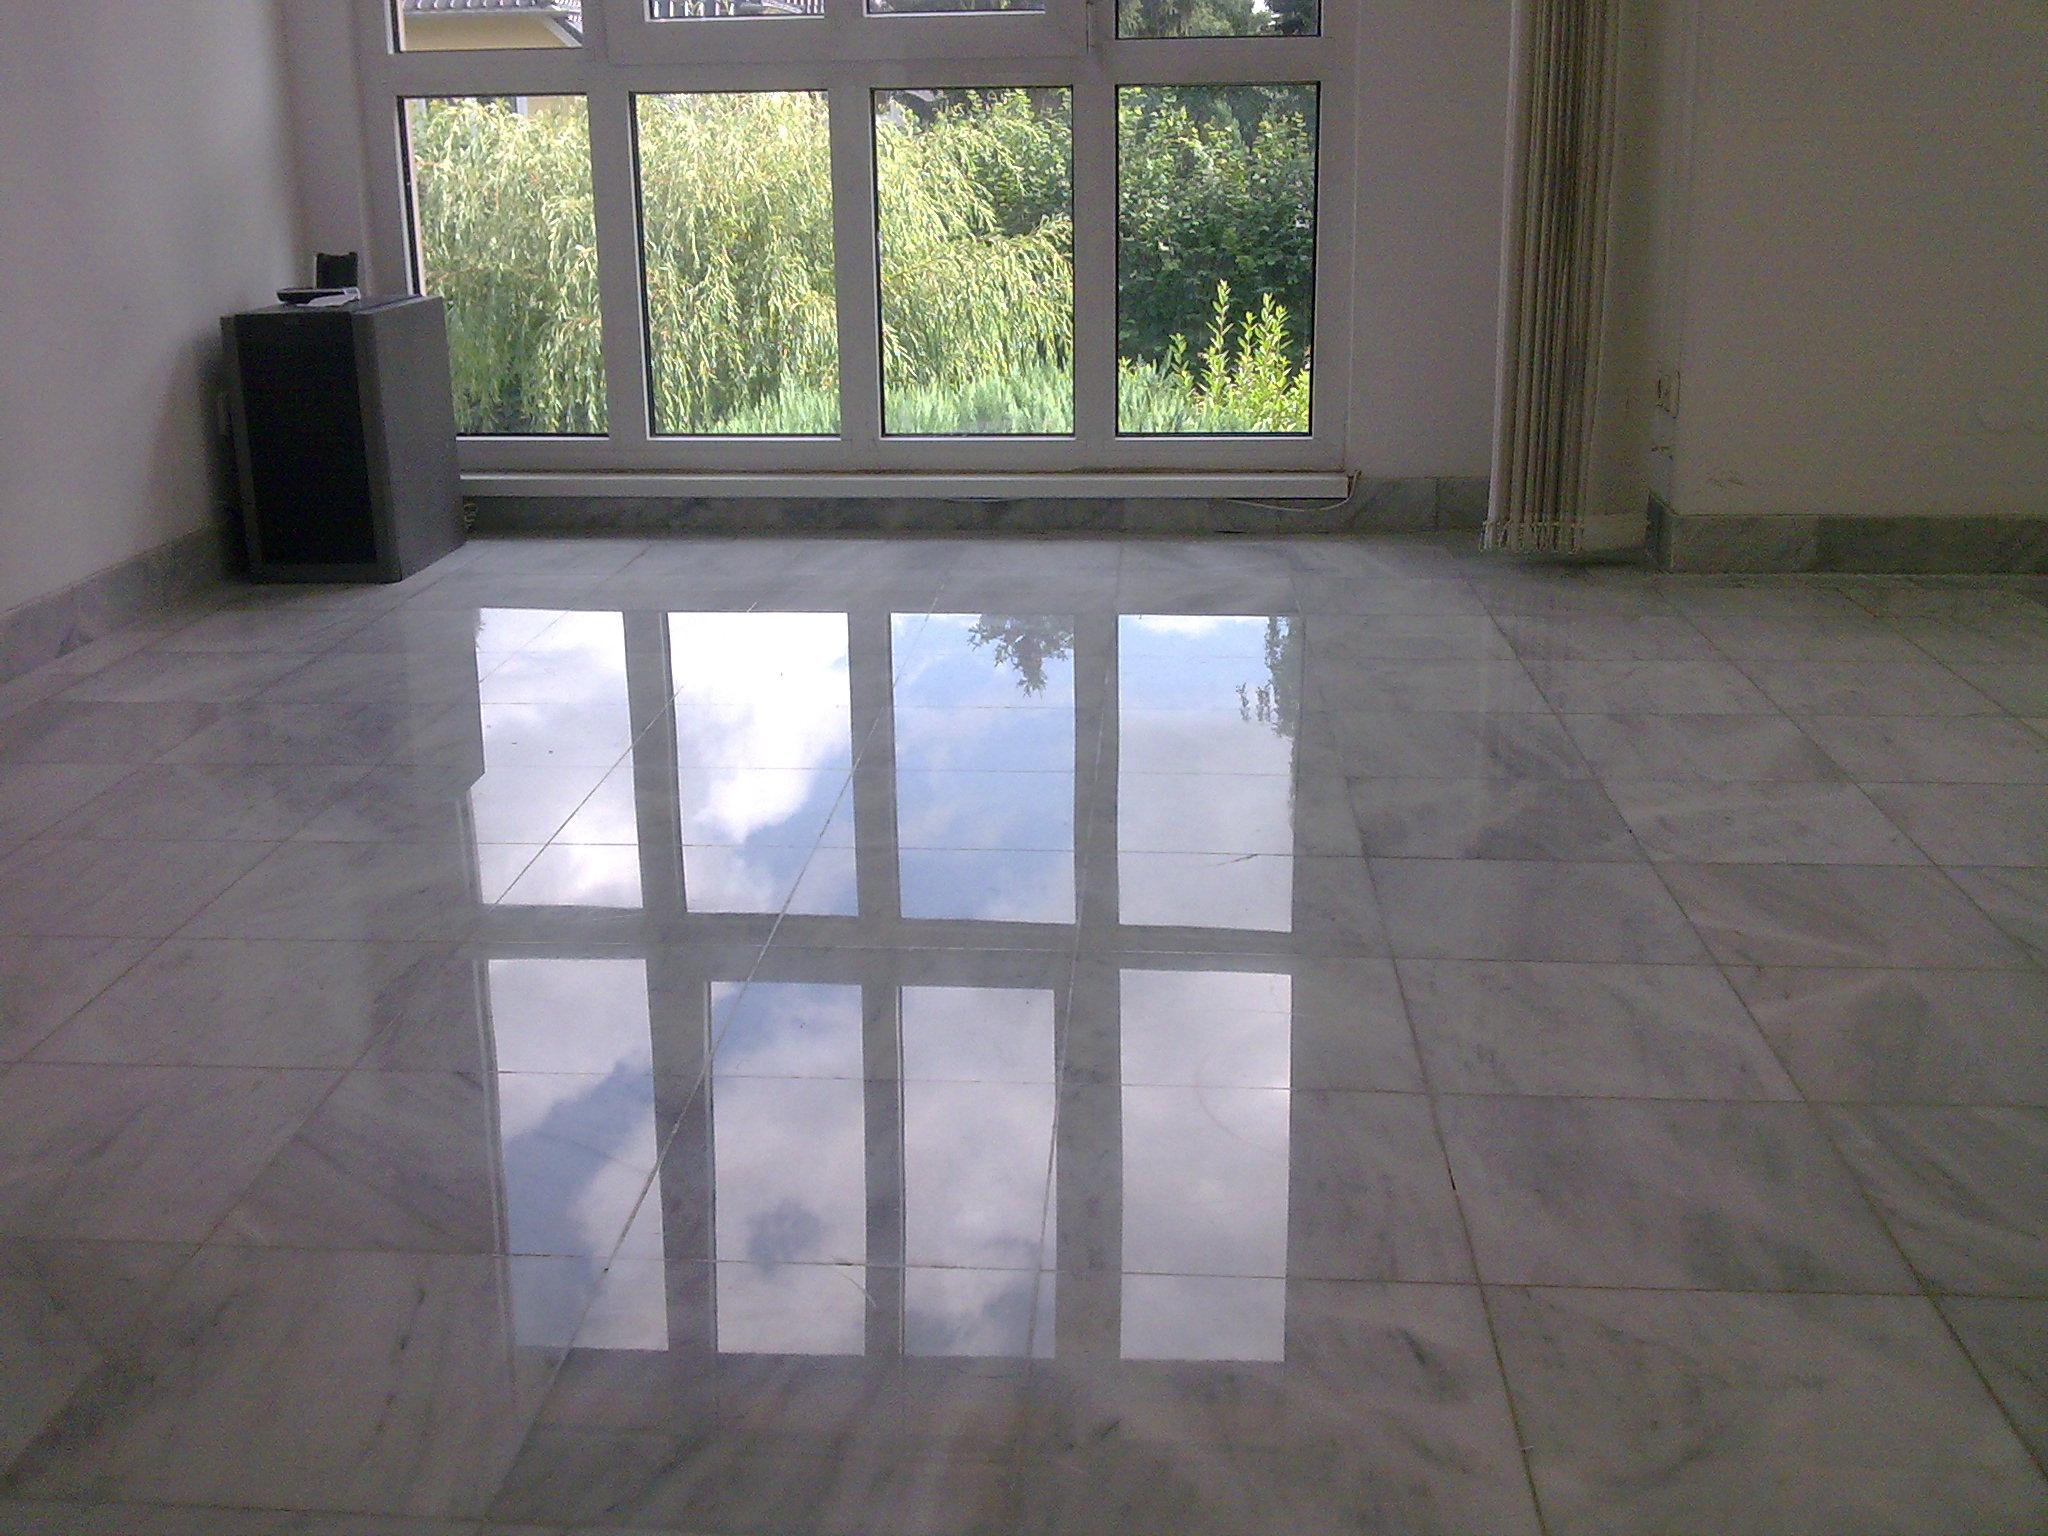 Marmor Reinigen marmor reinigung bremen naturstein reinigen sanieren schützen